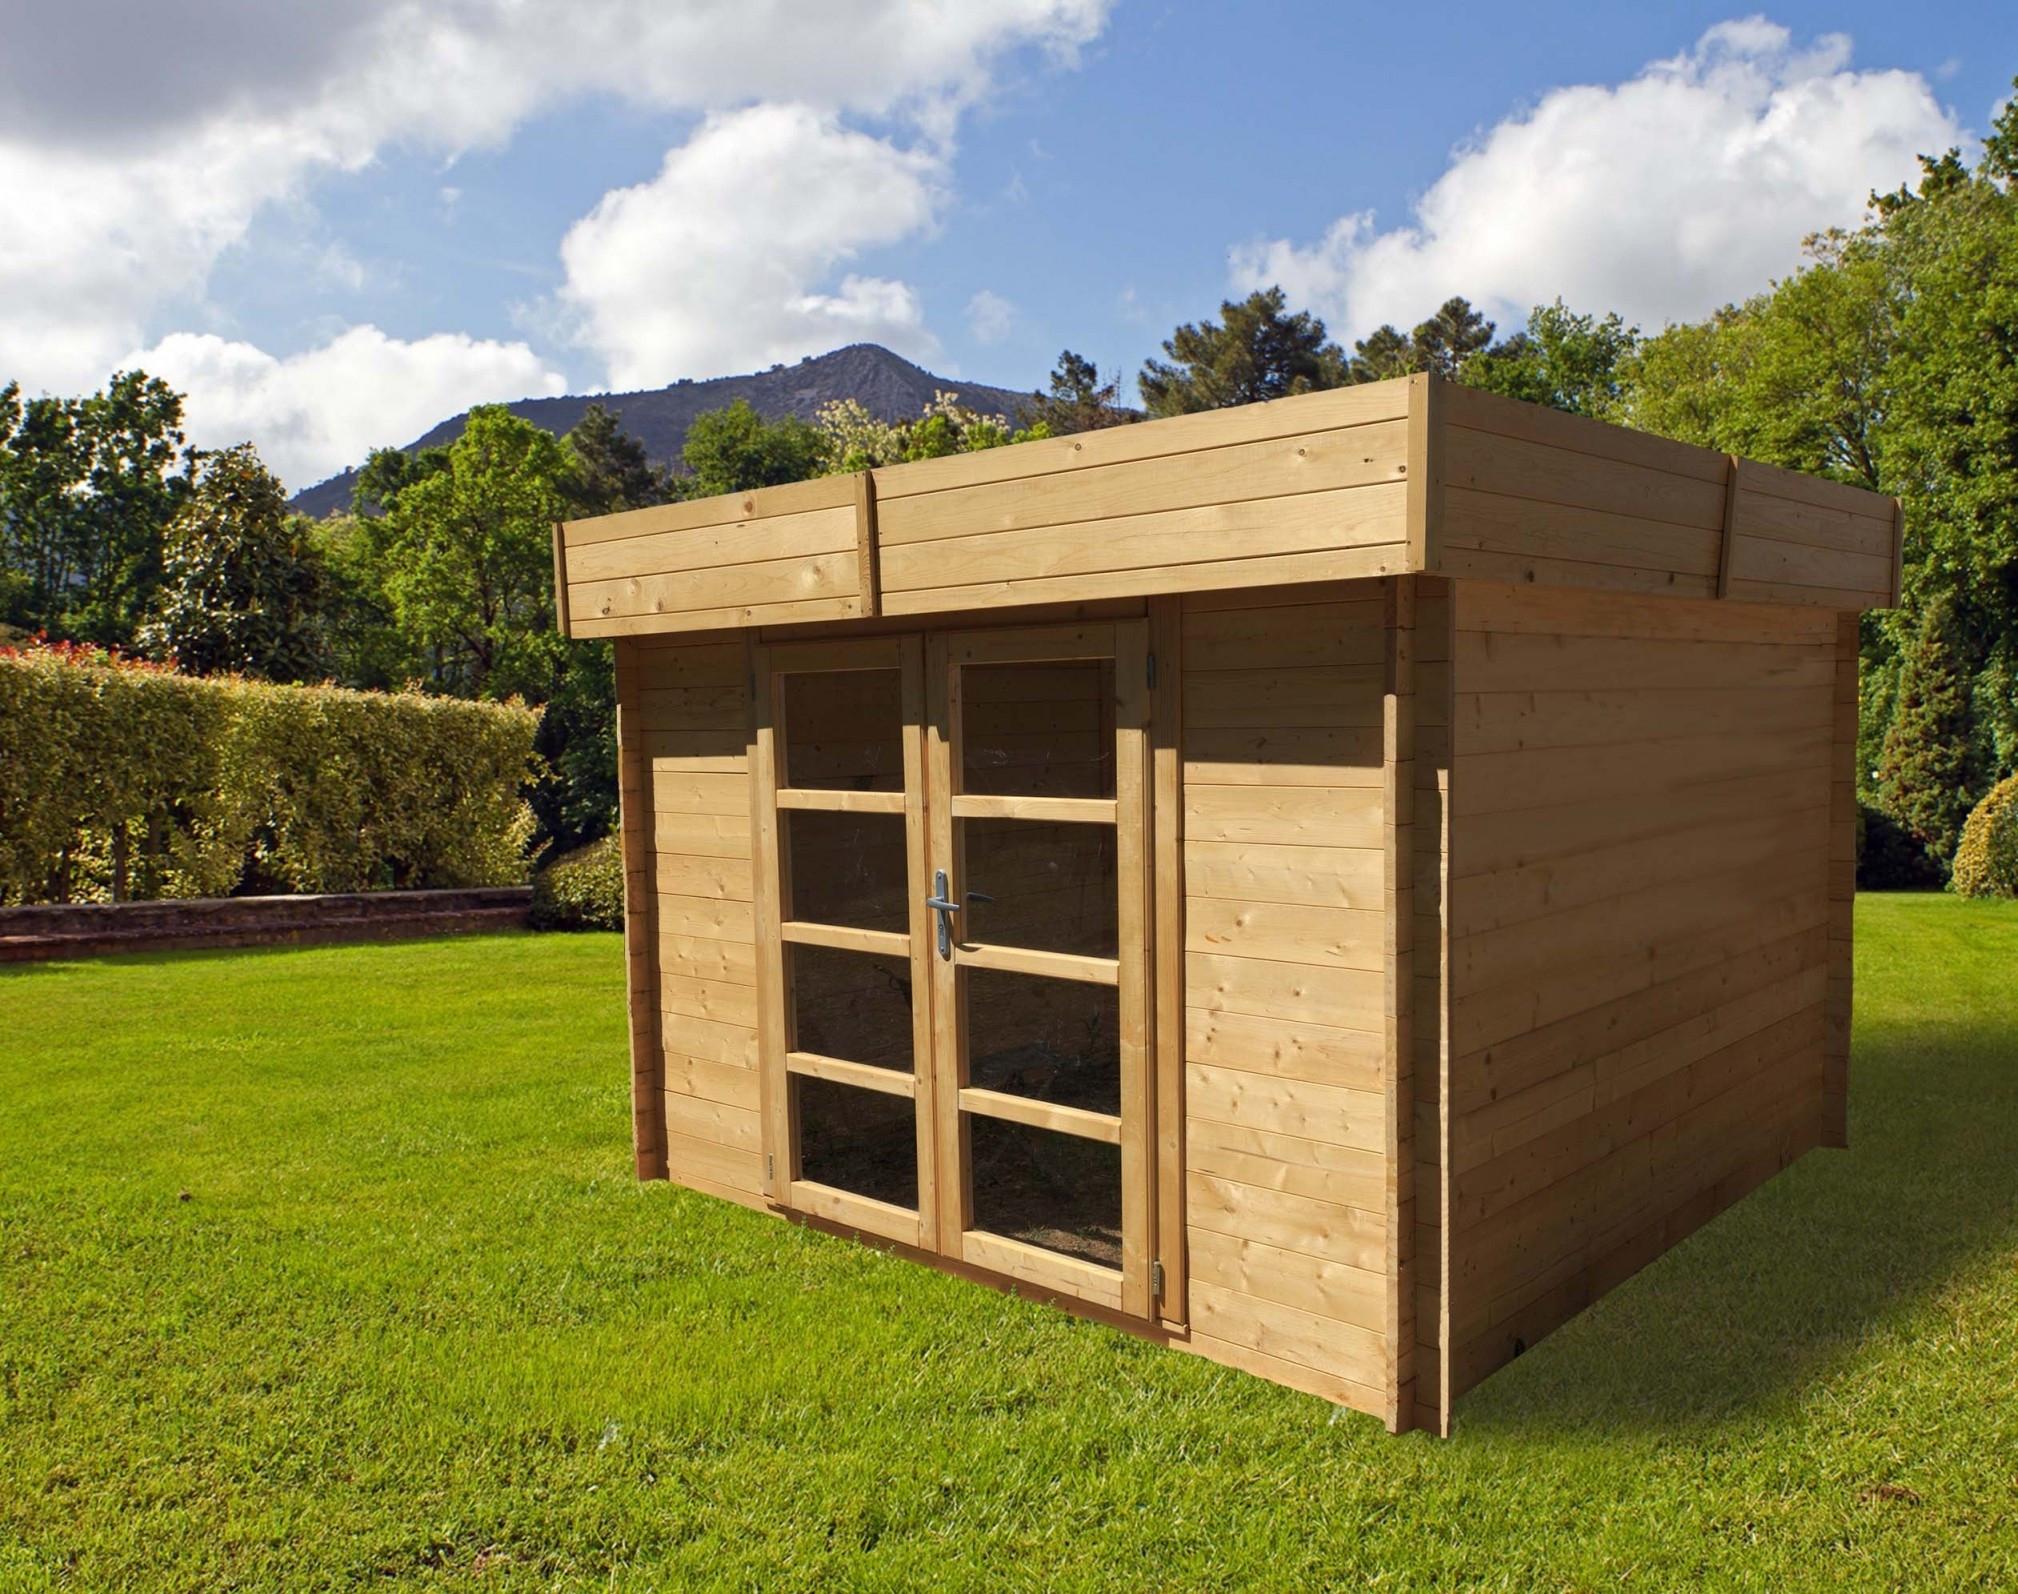 Cabane De Jardin Carrefour Inspirant Galerie Meilleur De 40 De Cabane En Bois Jardin Des Idées